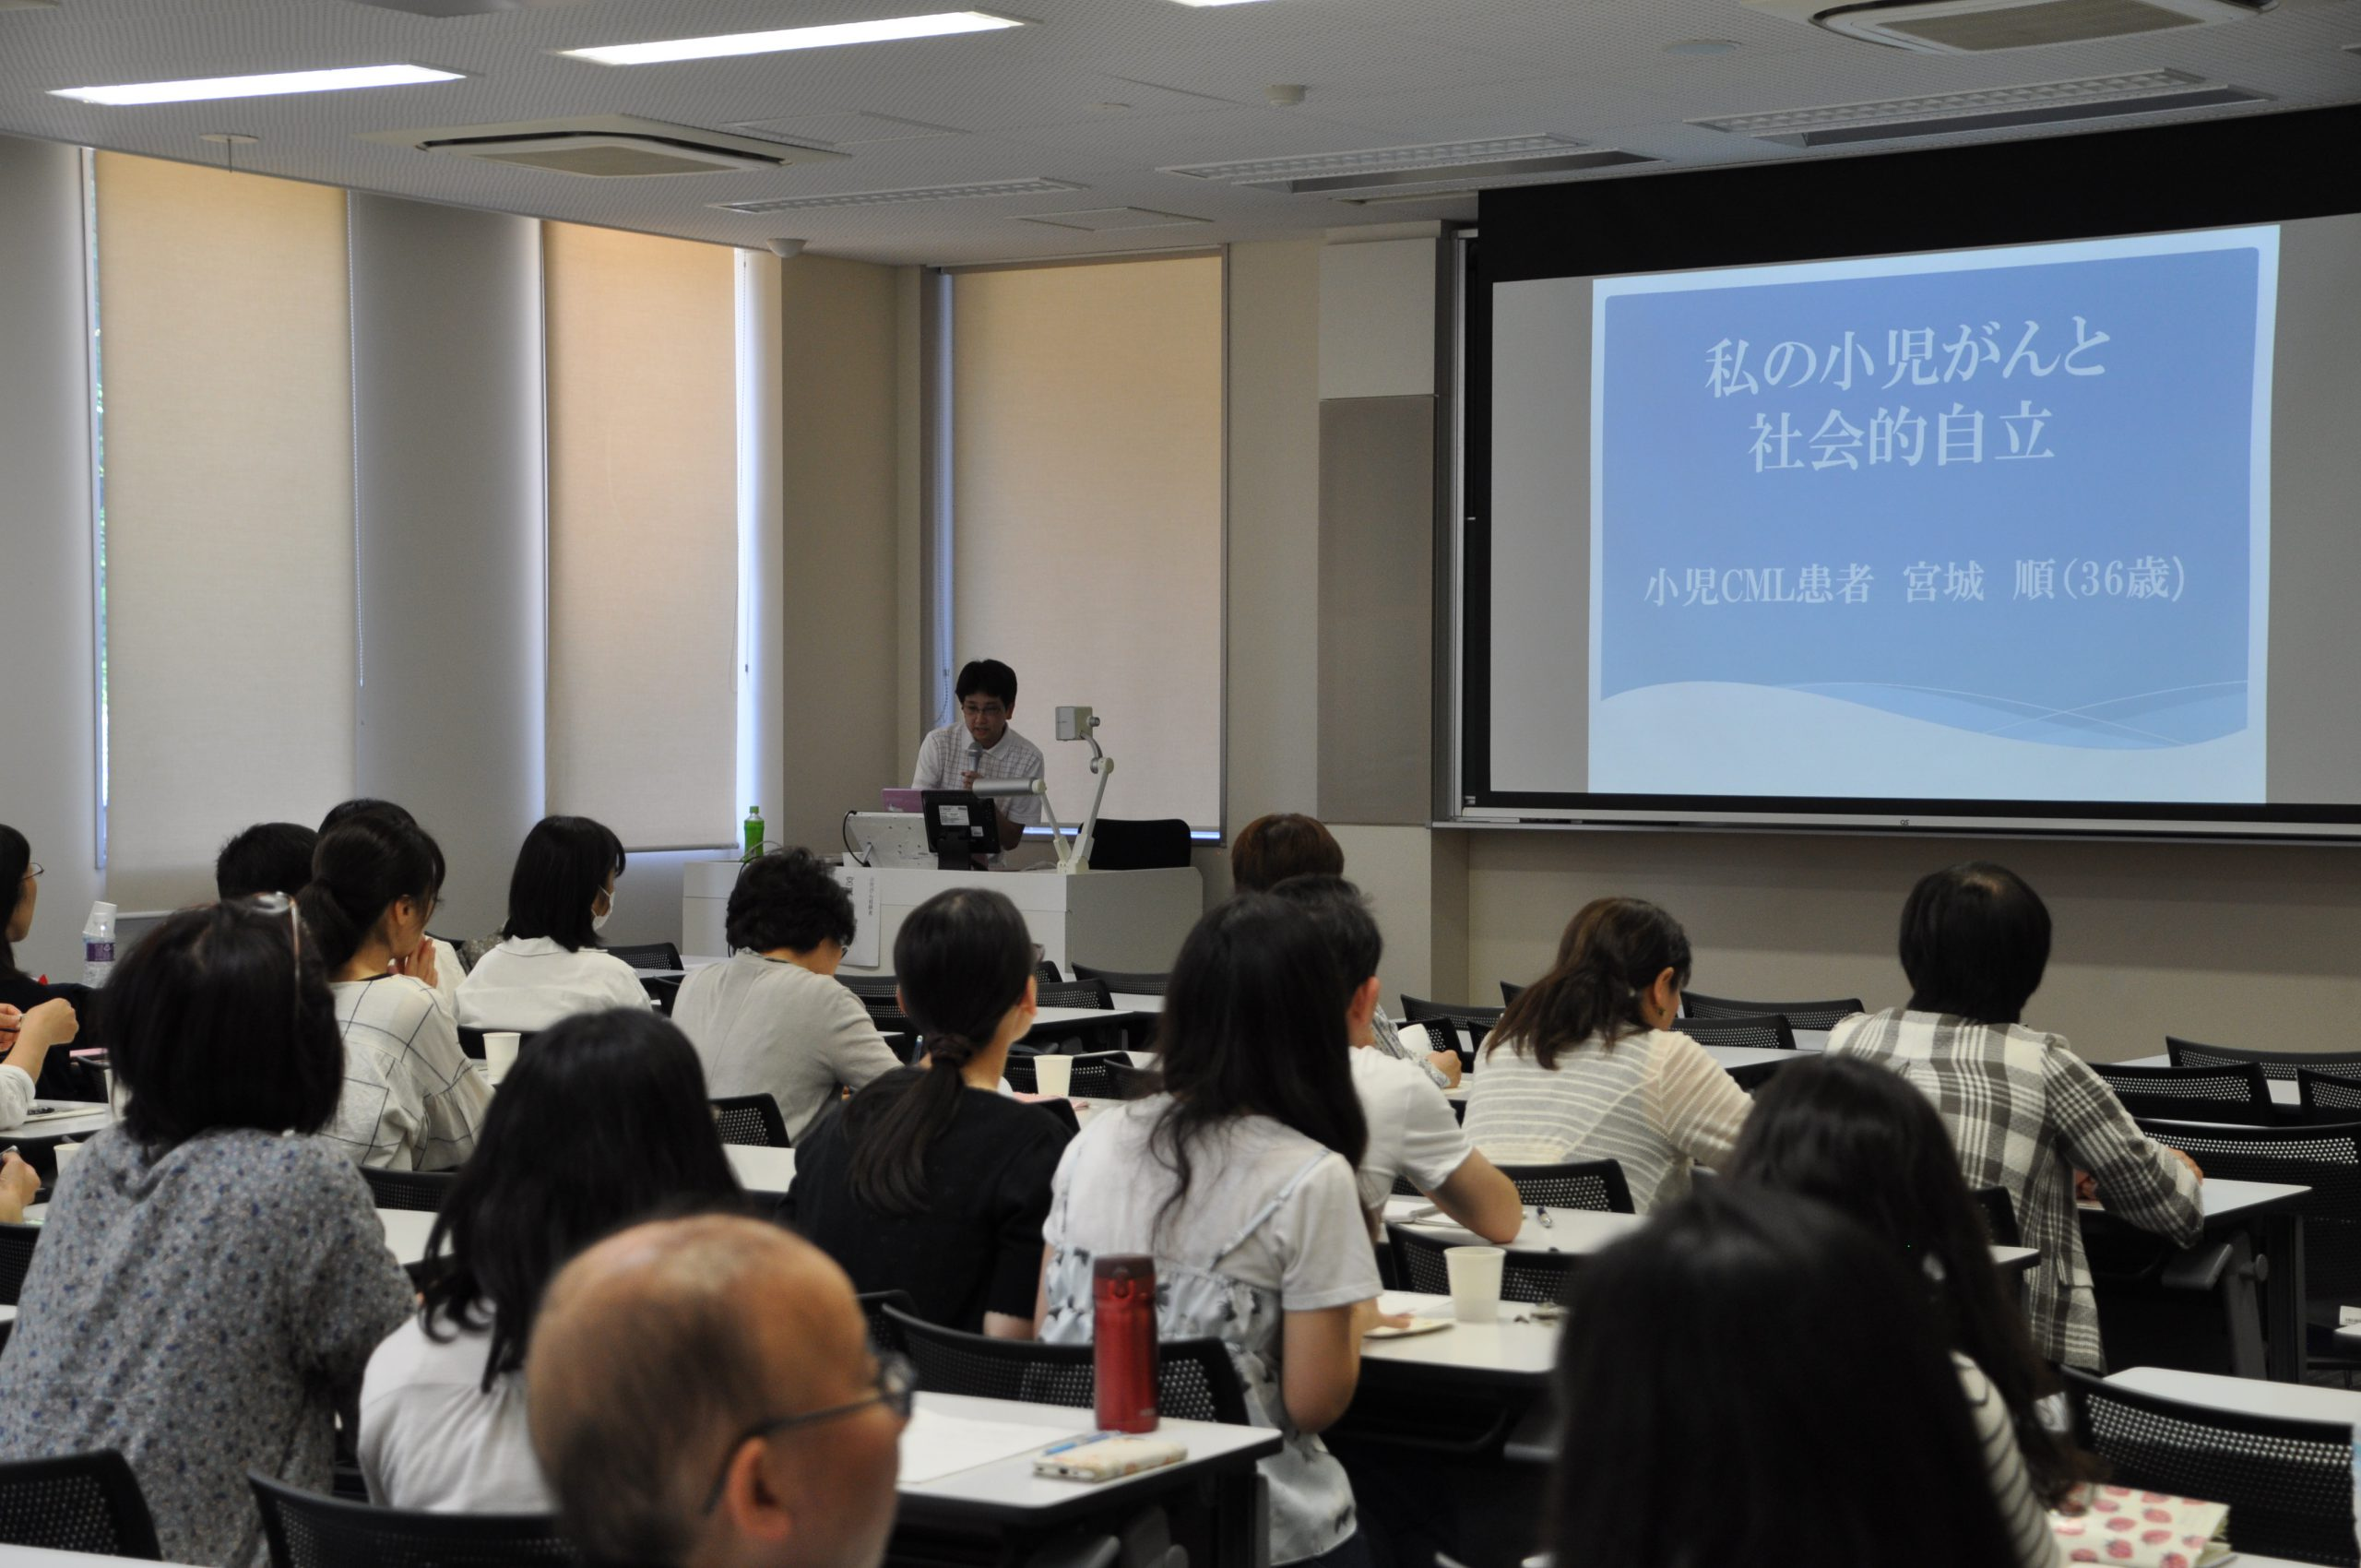 2018年6月3日 第8回総会と勉強会を開催しました